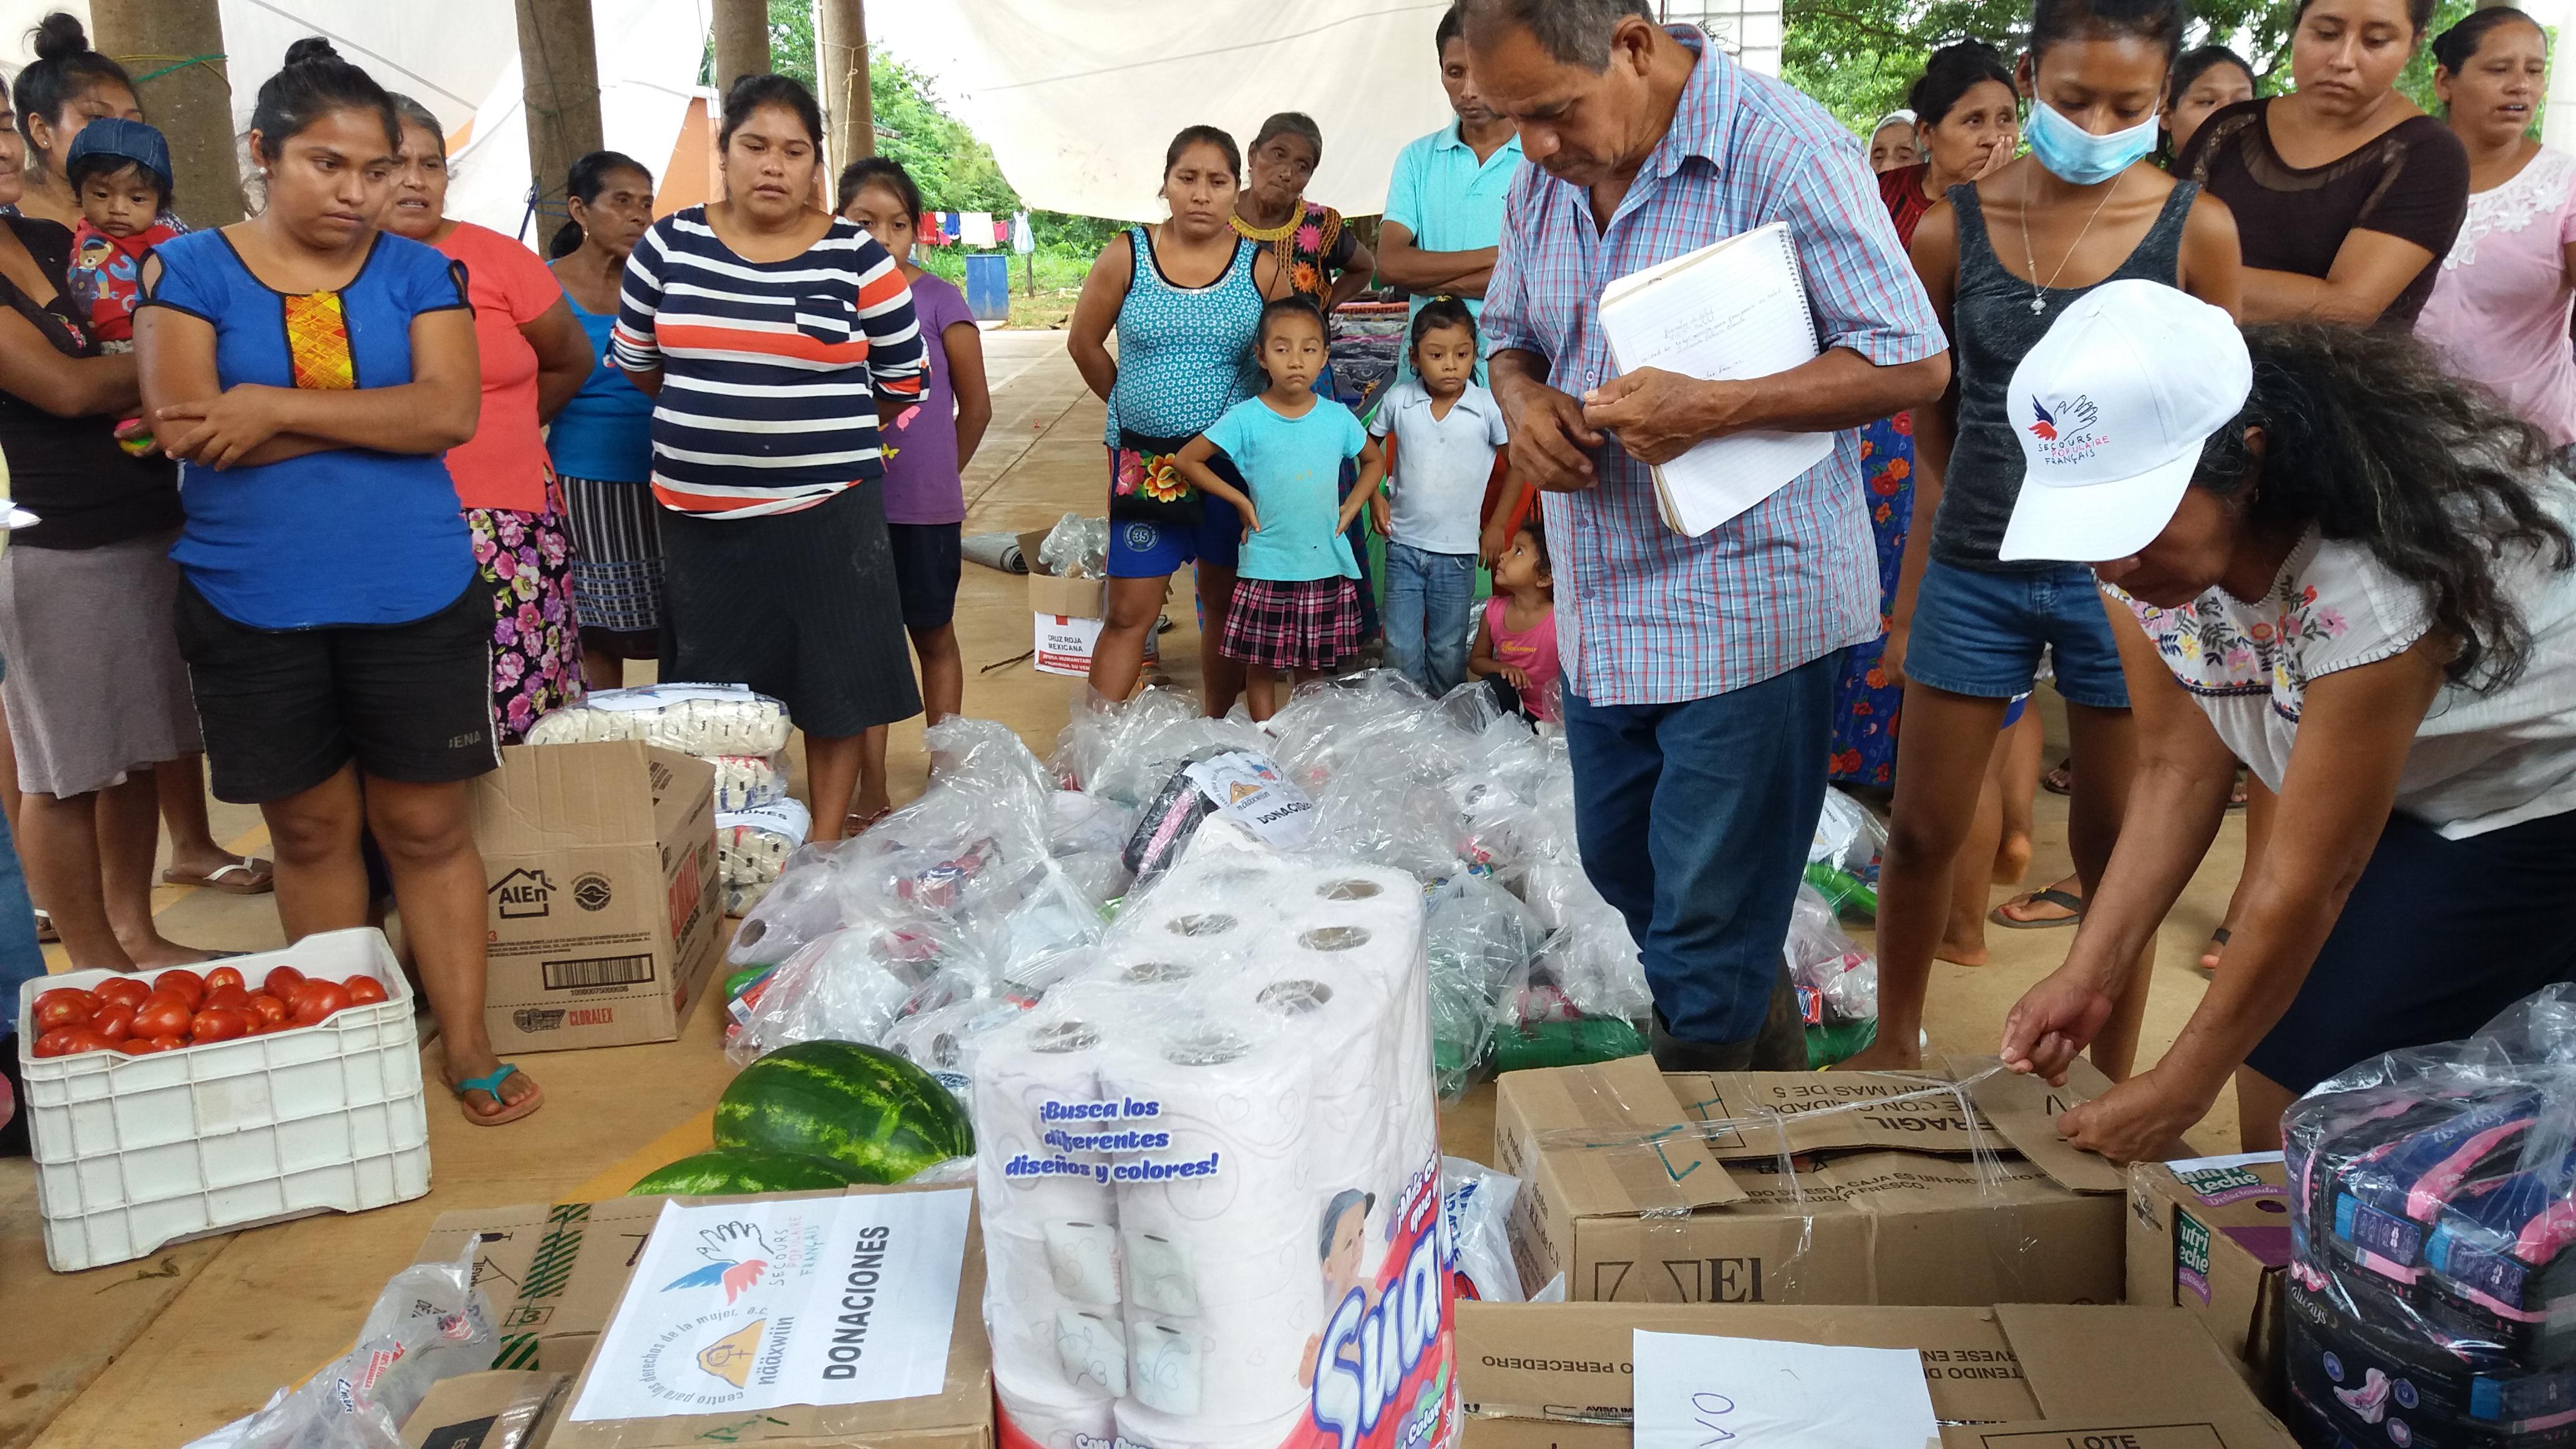 Le SPF et ses partenaires ont distribué des sinistrés 62 tonnes de nourriture, 990 bâches, 200 000 pastilles de potabilisation de l'eau.